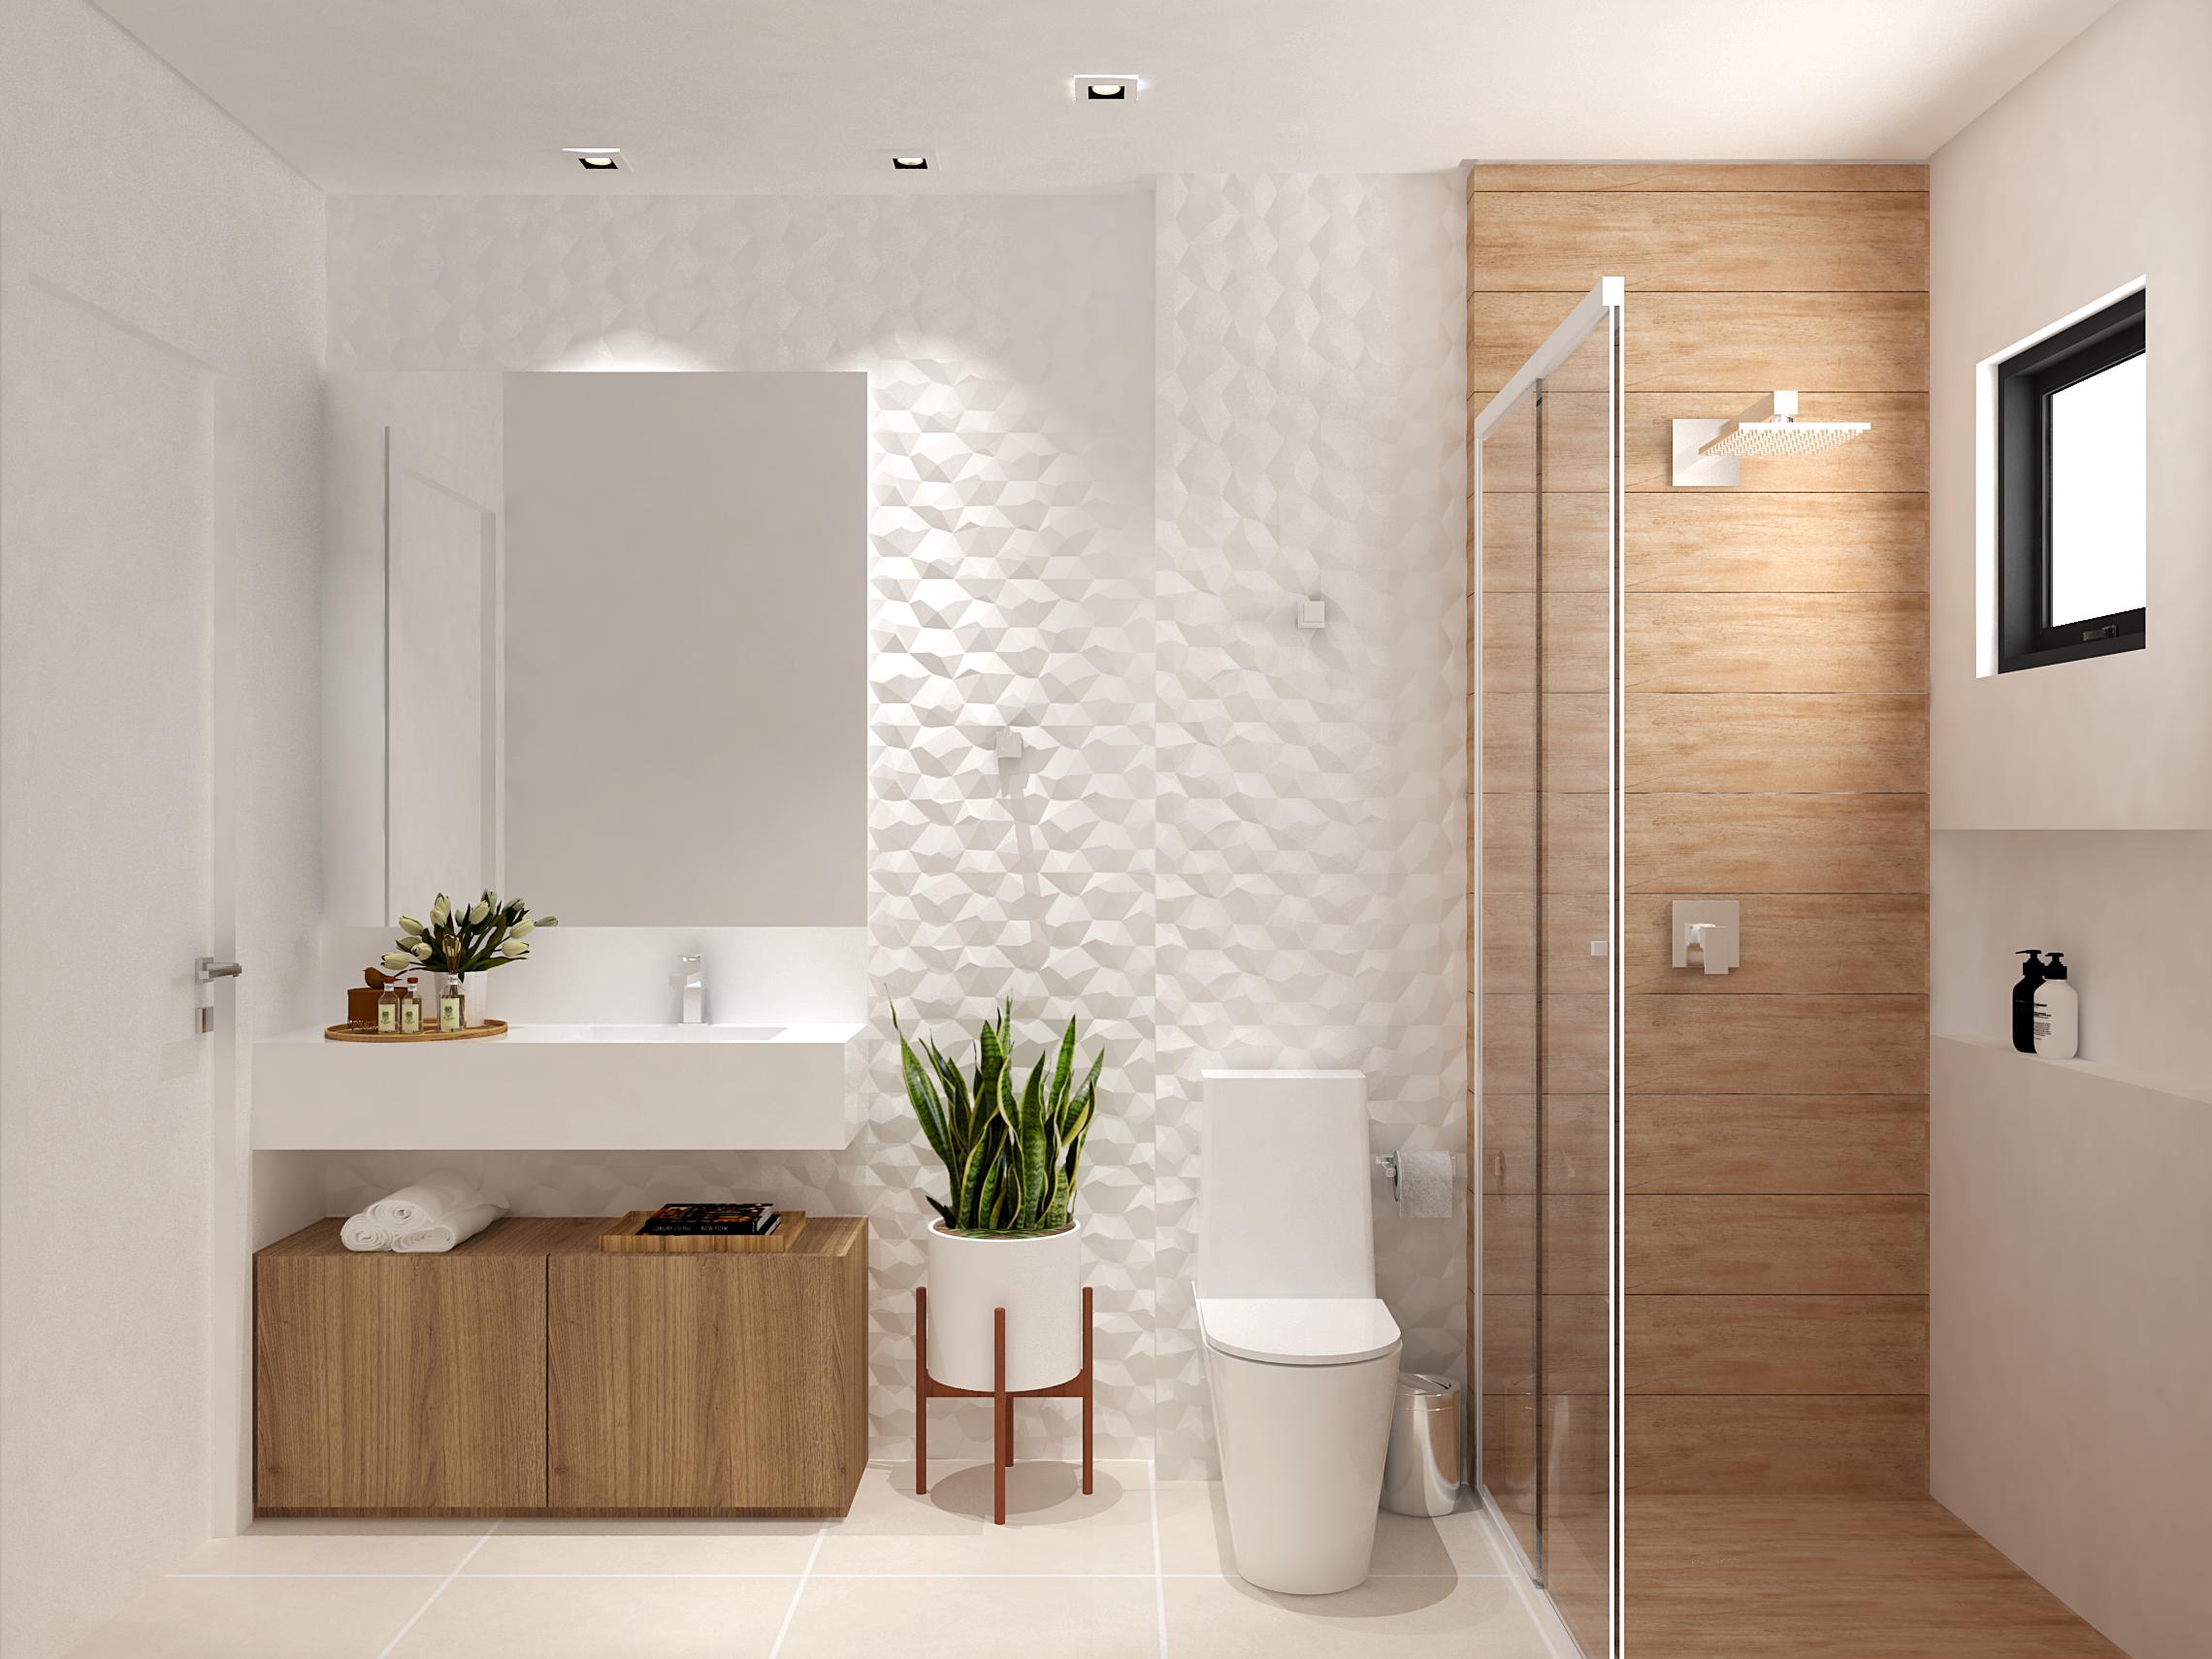 Banheiro Hospedes Banheiro Banheiropequeno Hospedes In 2020 Kleine Badezimmer Design Kleines Bad Renovierungen Toilette Dekoration